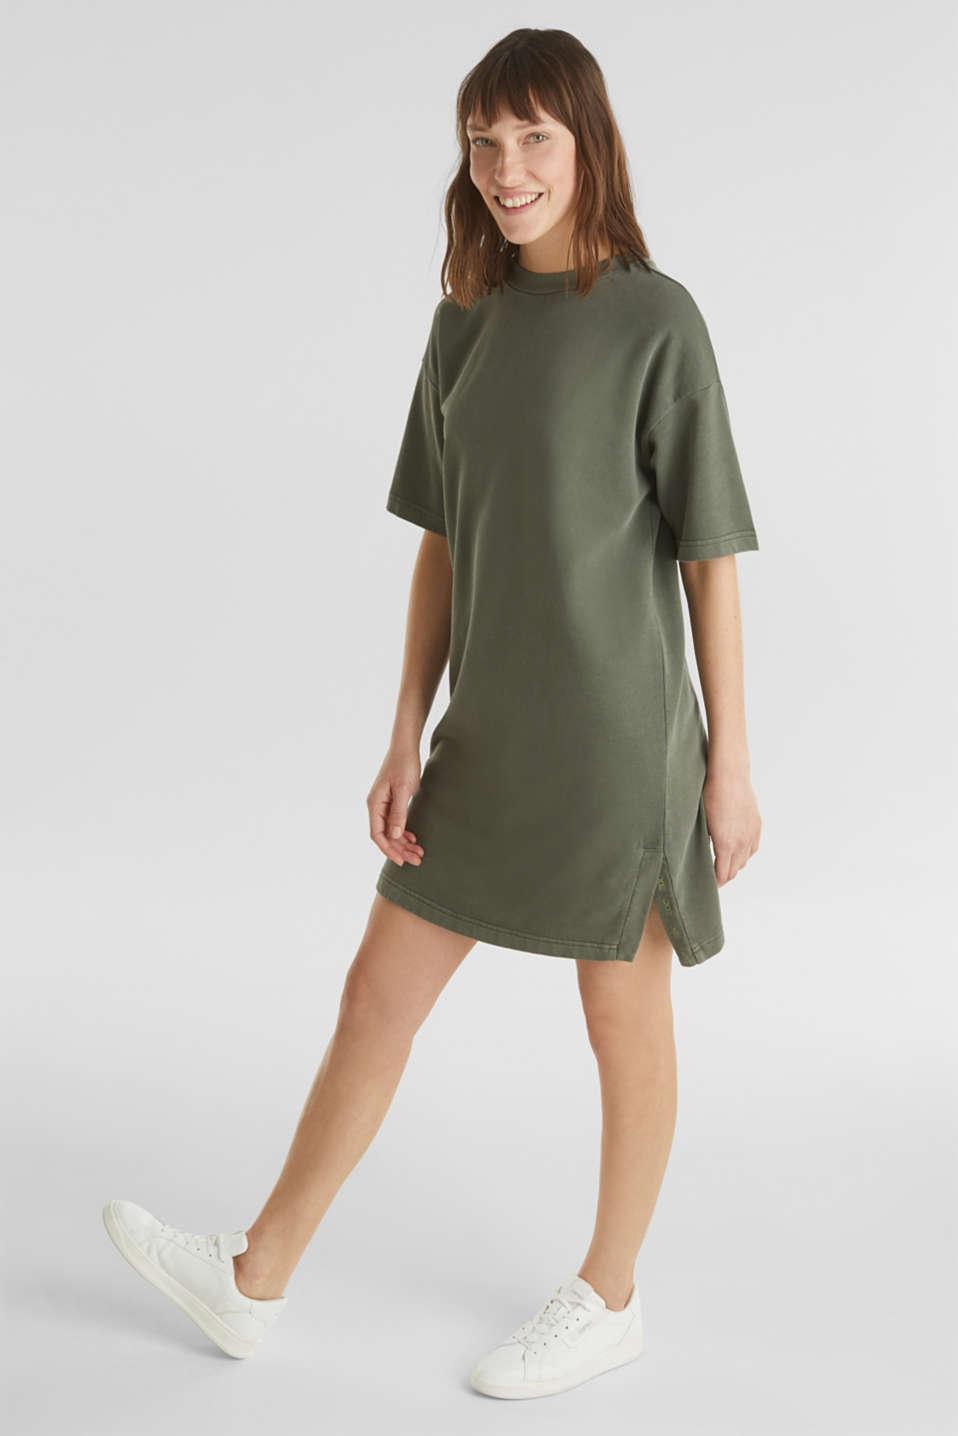 Sweatshirt dress made of 100% cotton, KHAKI GREEN, detail image number 1